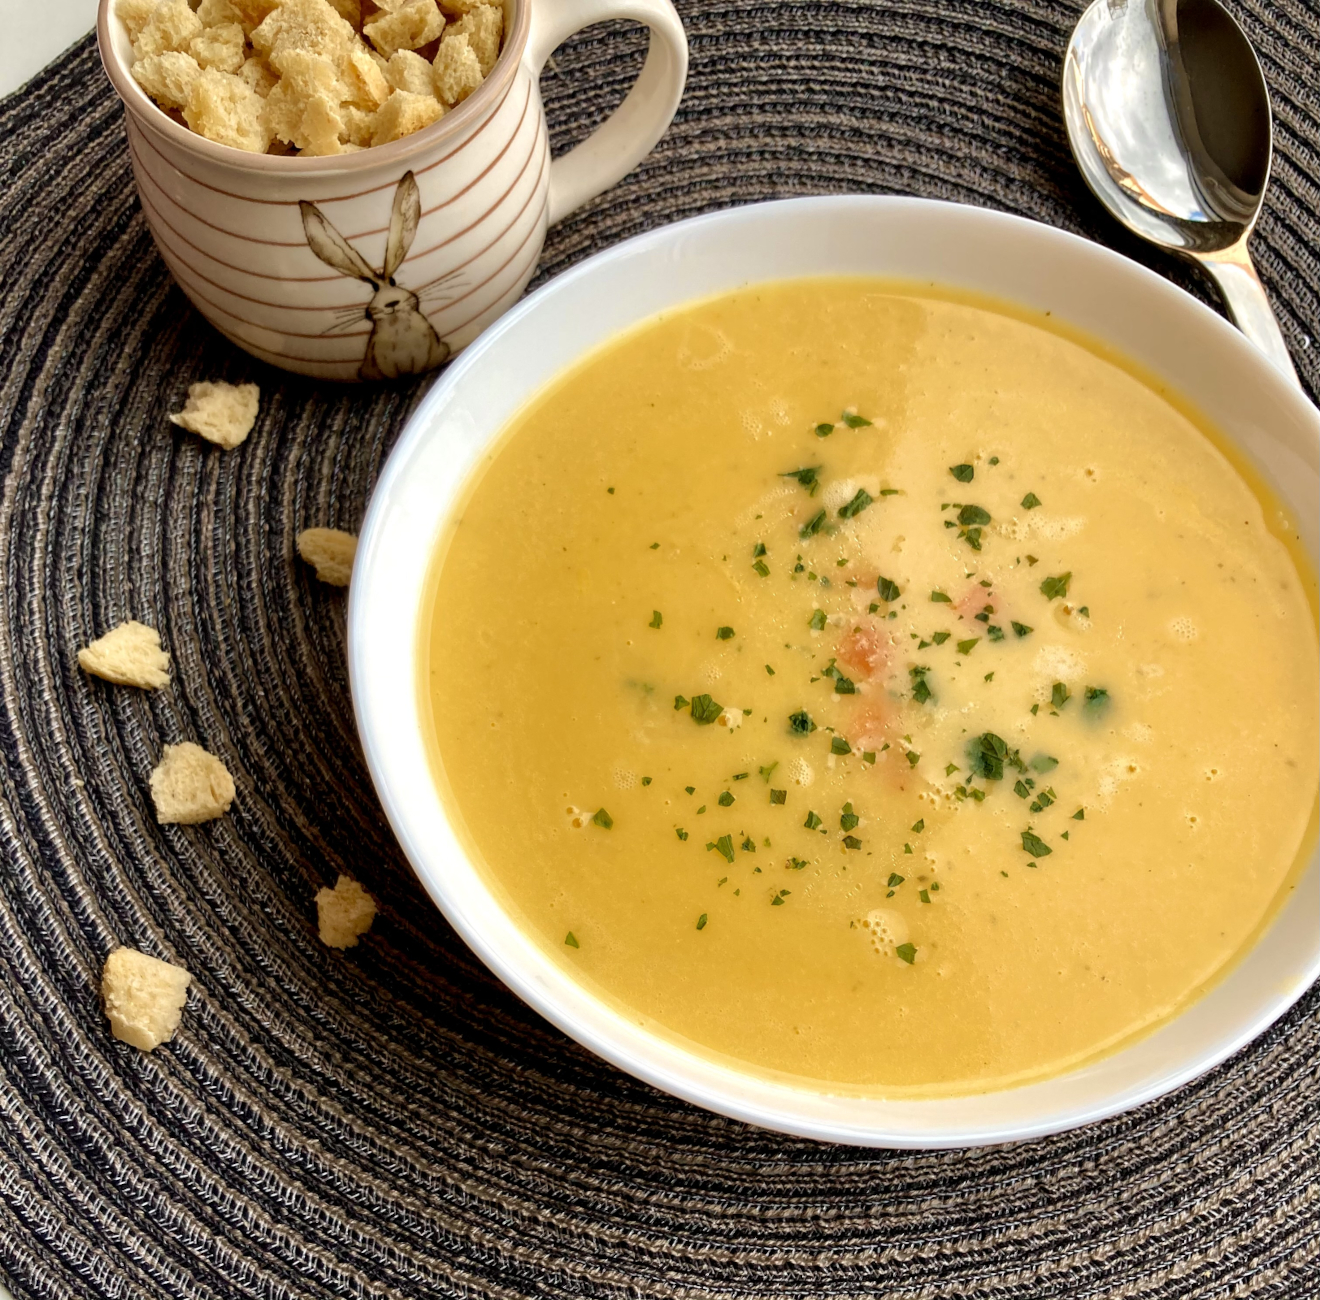 Kartoffel-Karotten-Suppe mit Petersilie